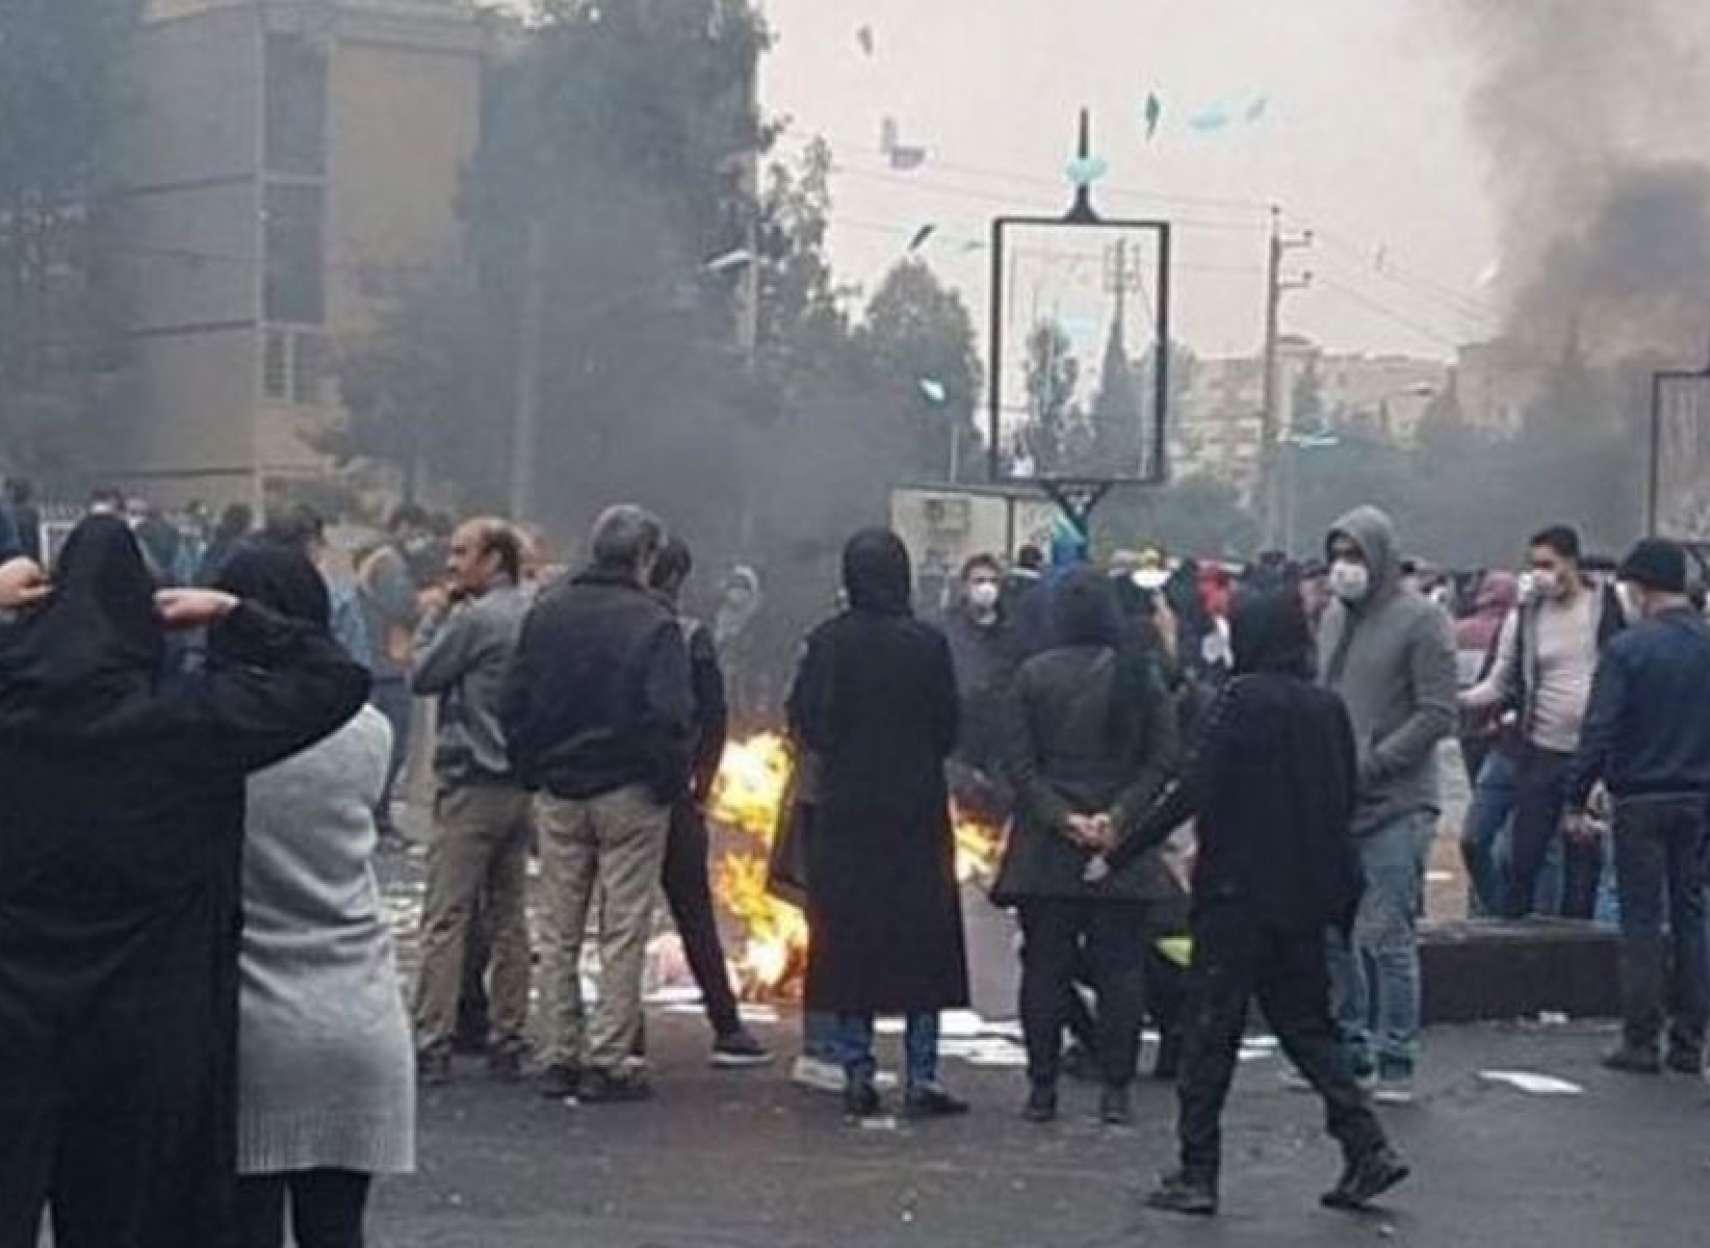 اخبار-ایران-کوتاه-و-کامل-افزایش-قیمت-بنزین-در-ایران